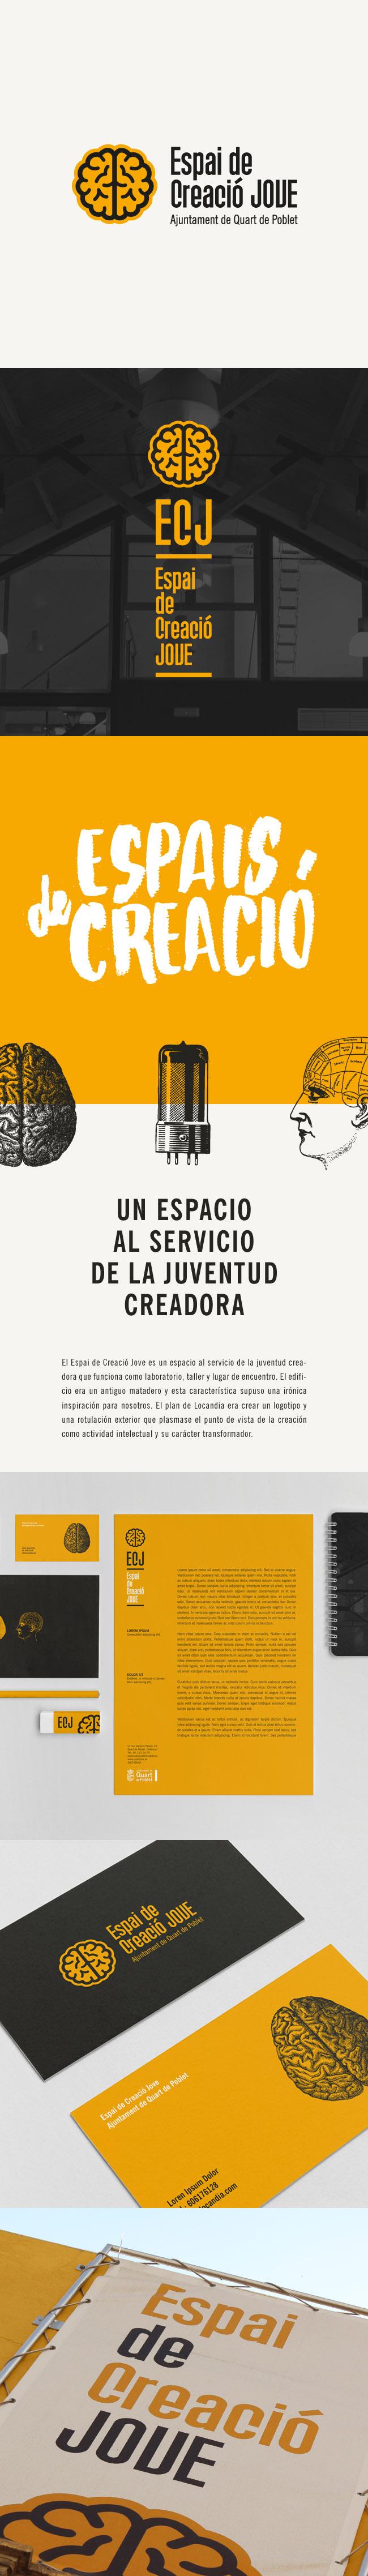 """Identidad Corporativa, Señalética y Papelería del """"Espai de Creació Jove"""" de Quart de Poblet"""